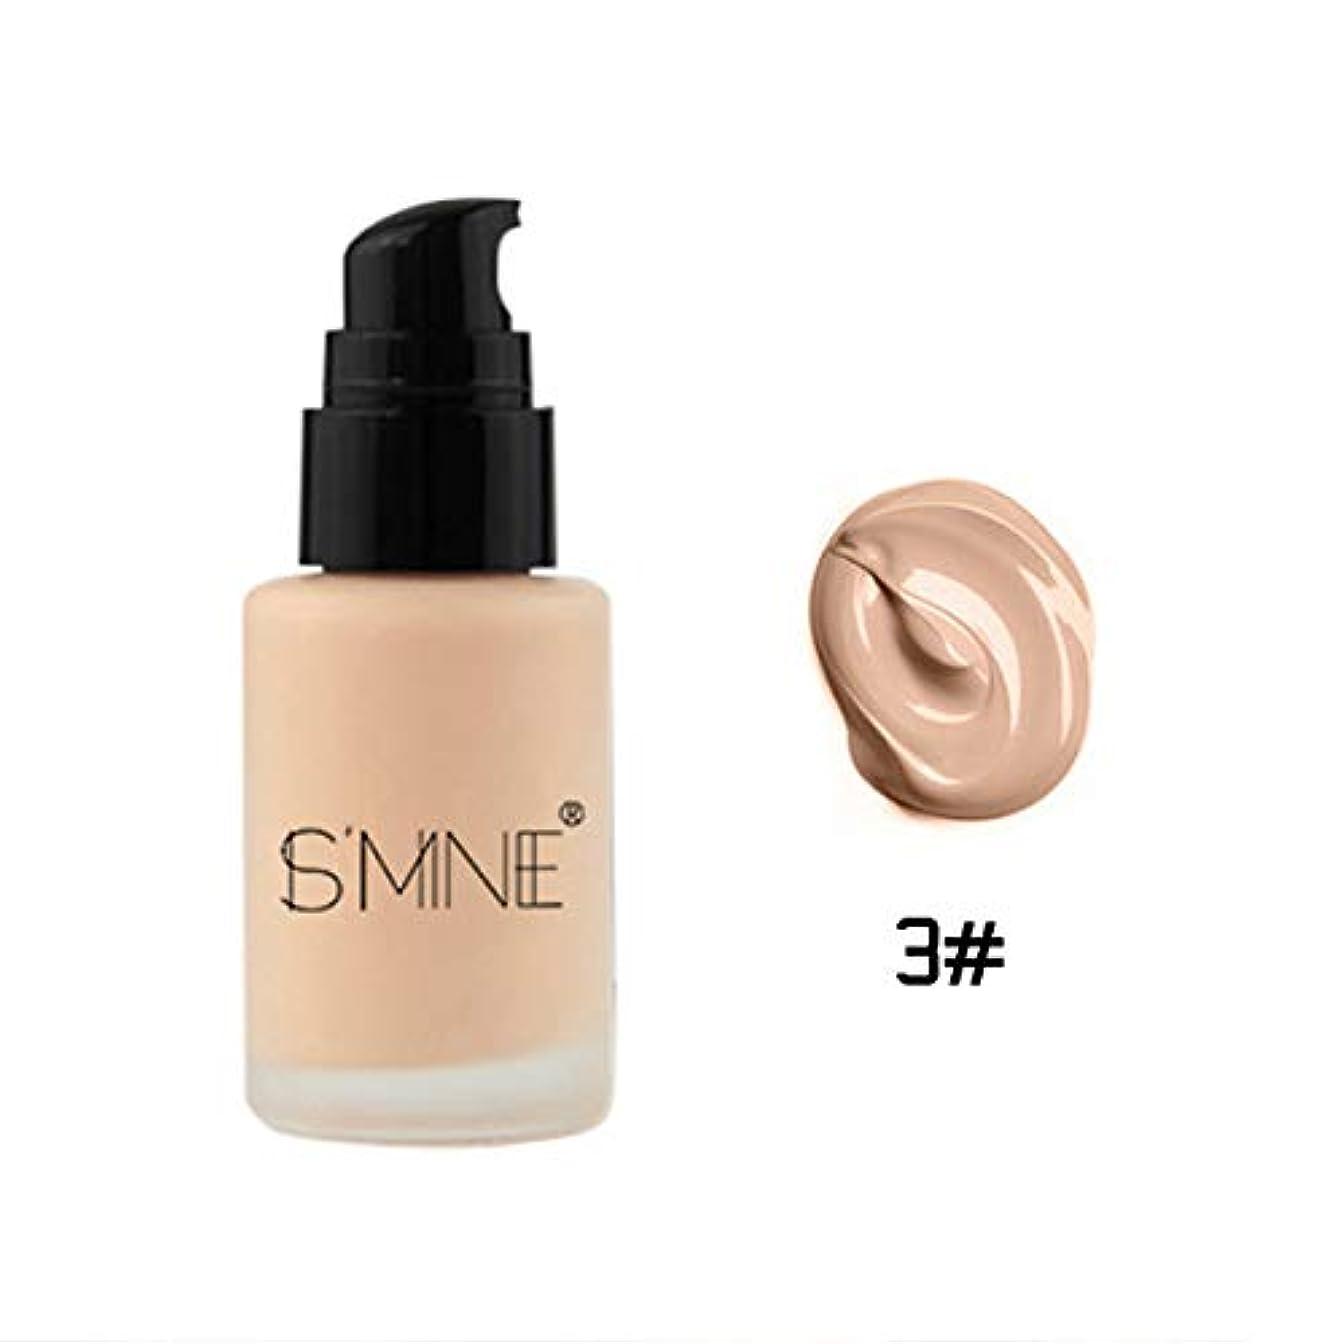 引退した立方体富豪Symboat BBクリーム 女性 フェイスコンシーラー 美白 保湿 防水 ロングラスティングメイクアップ 健康的な自然な肌色 素肌感 化粧品